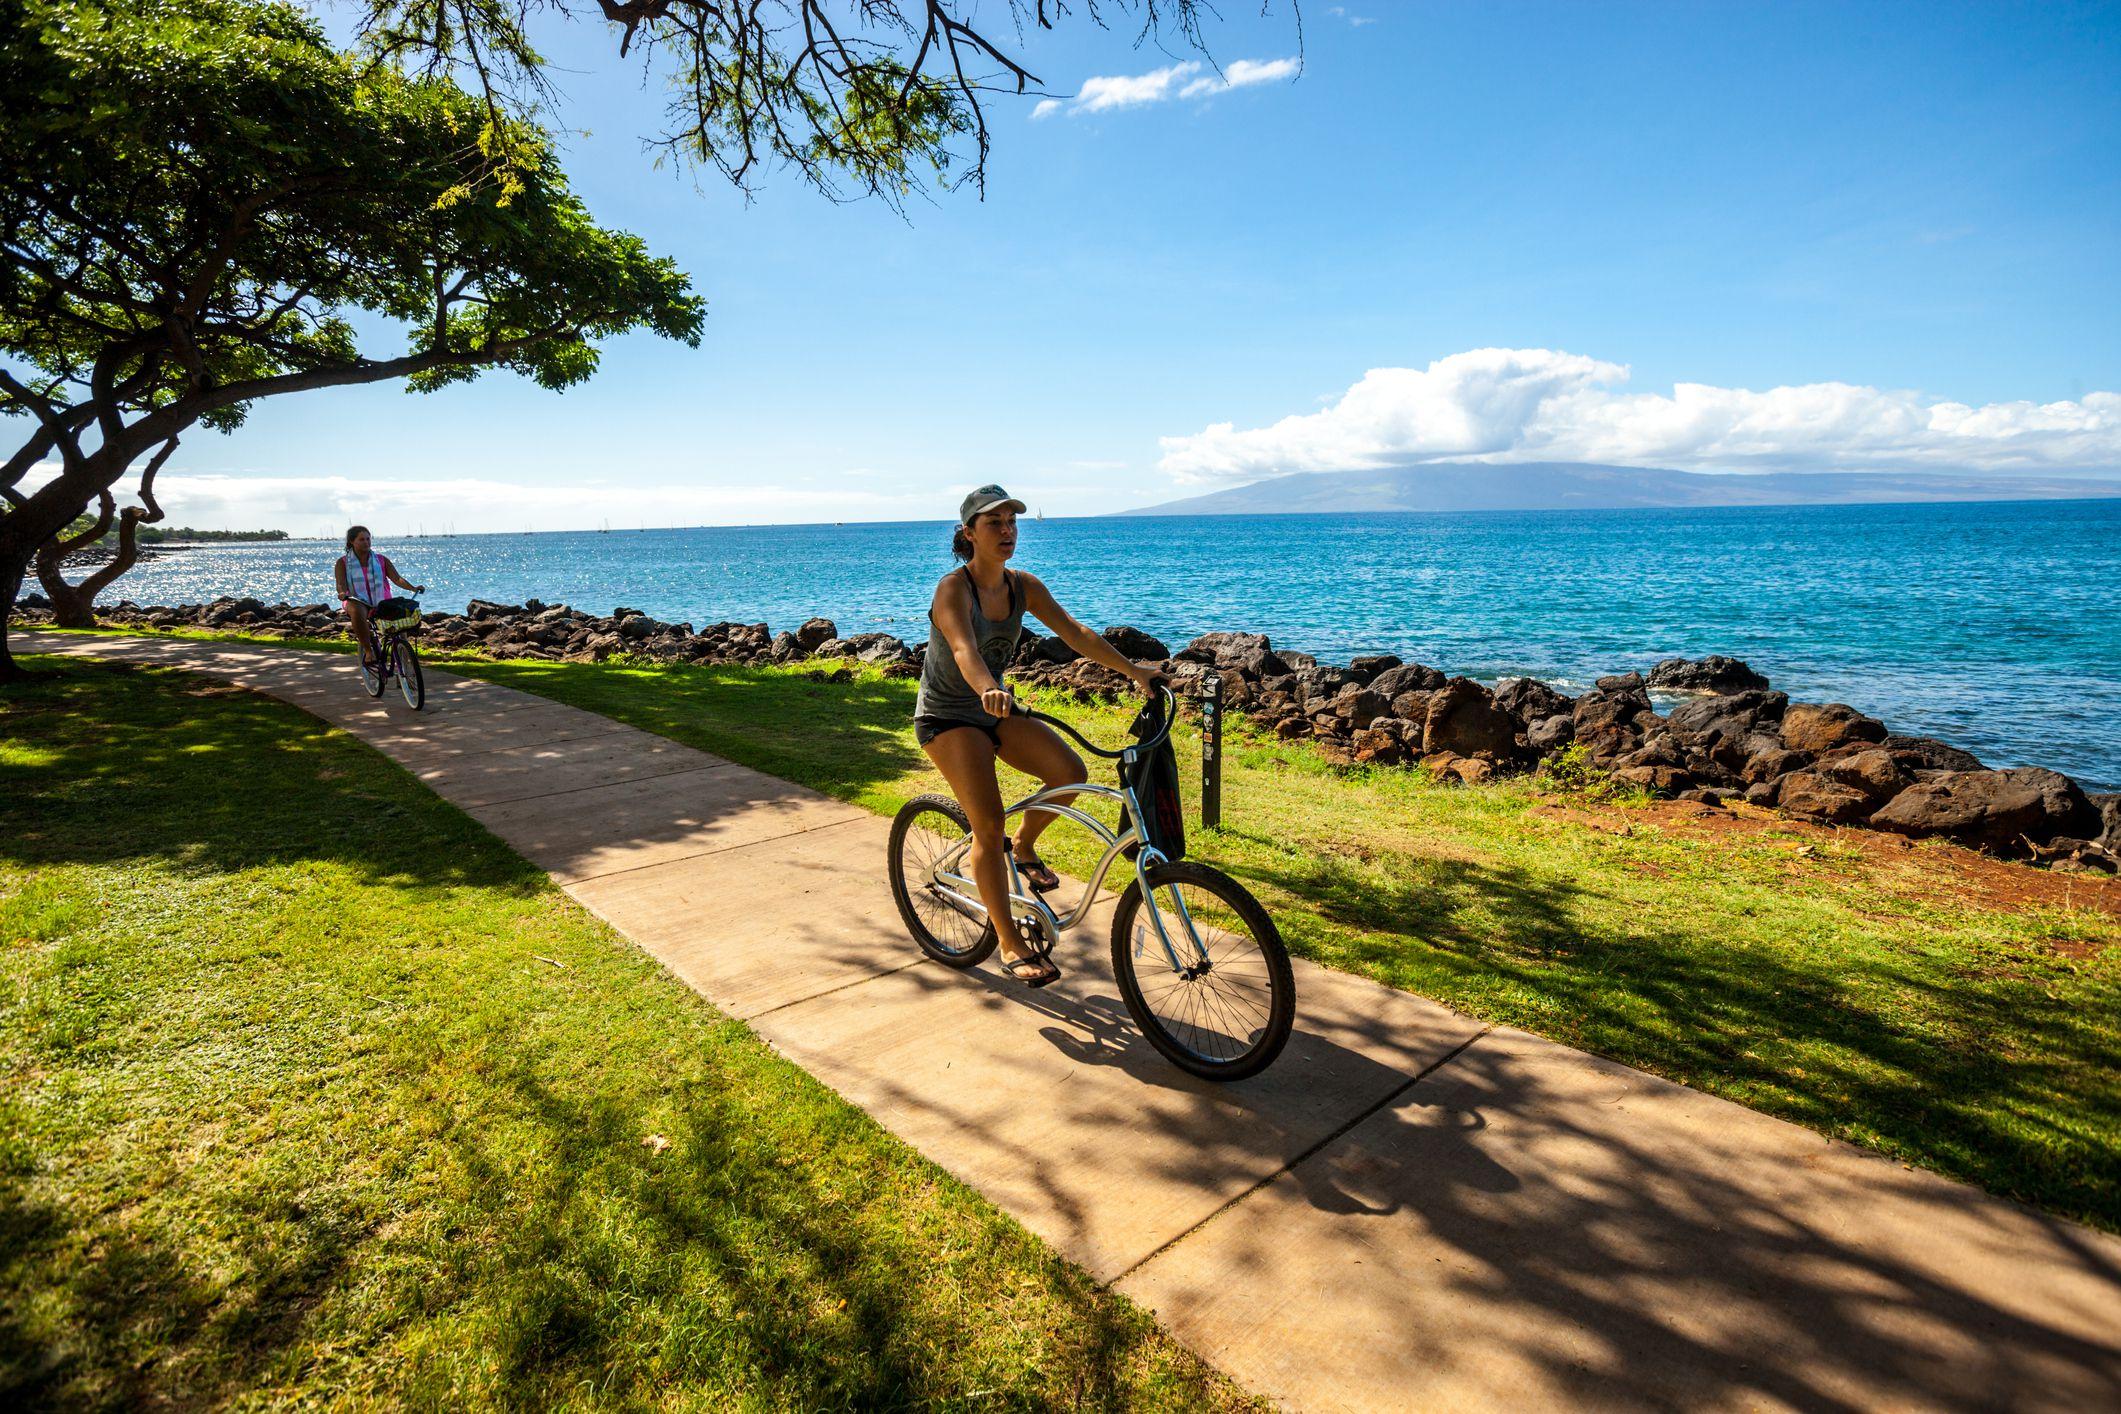 Women cycling along the beach, Maui